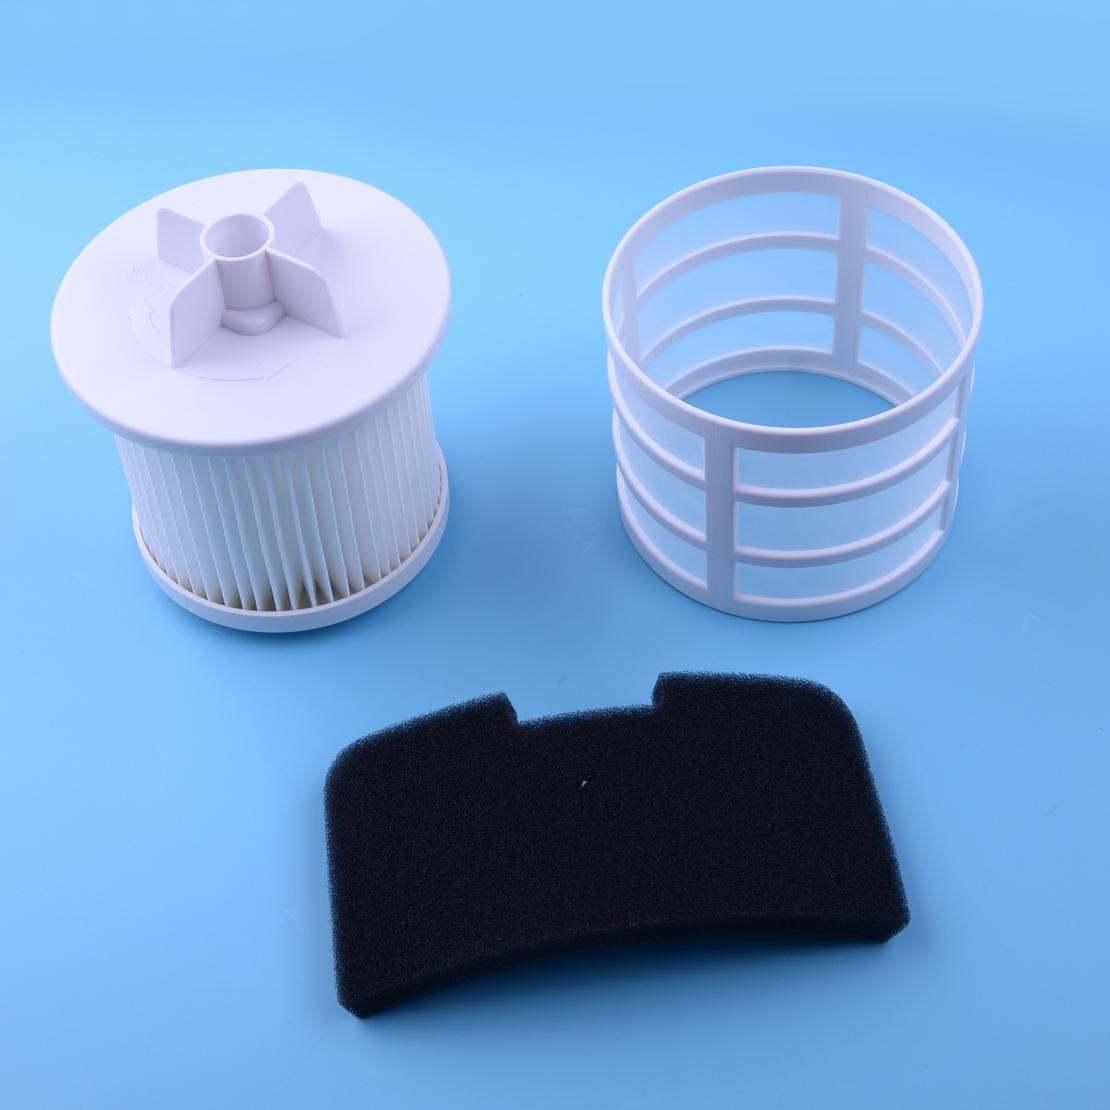 5-10 mm2 Buchse Kabelverschraubung Seilfenster PG11 weiß für Kabel